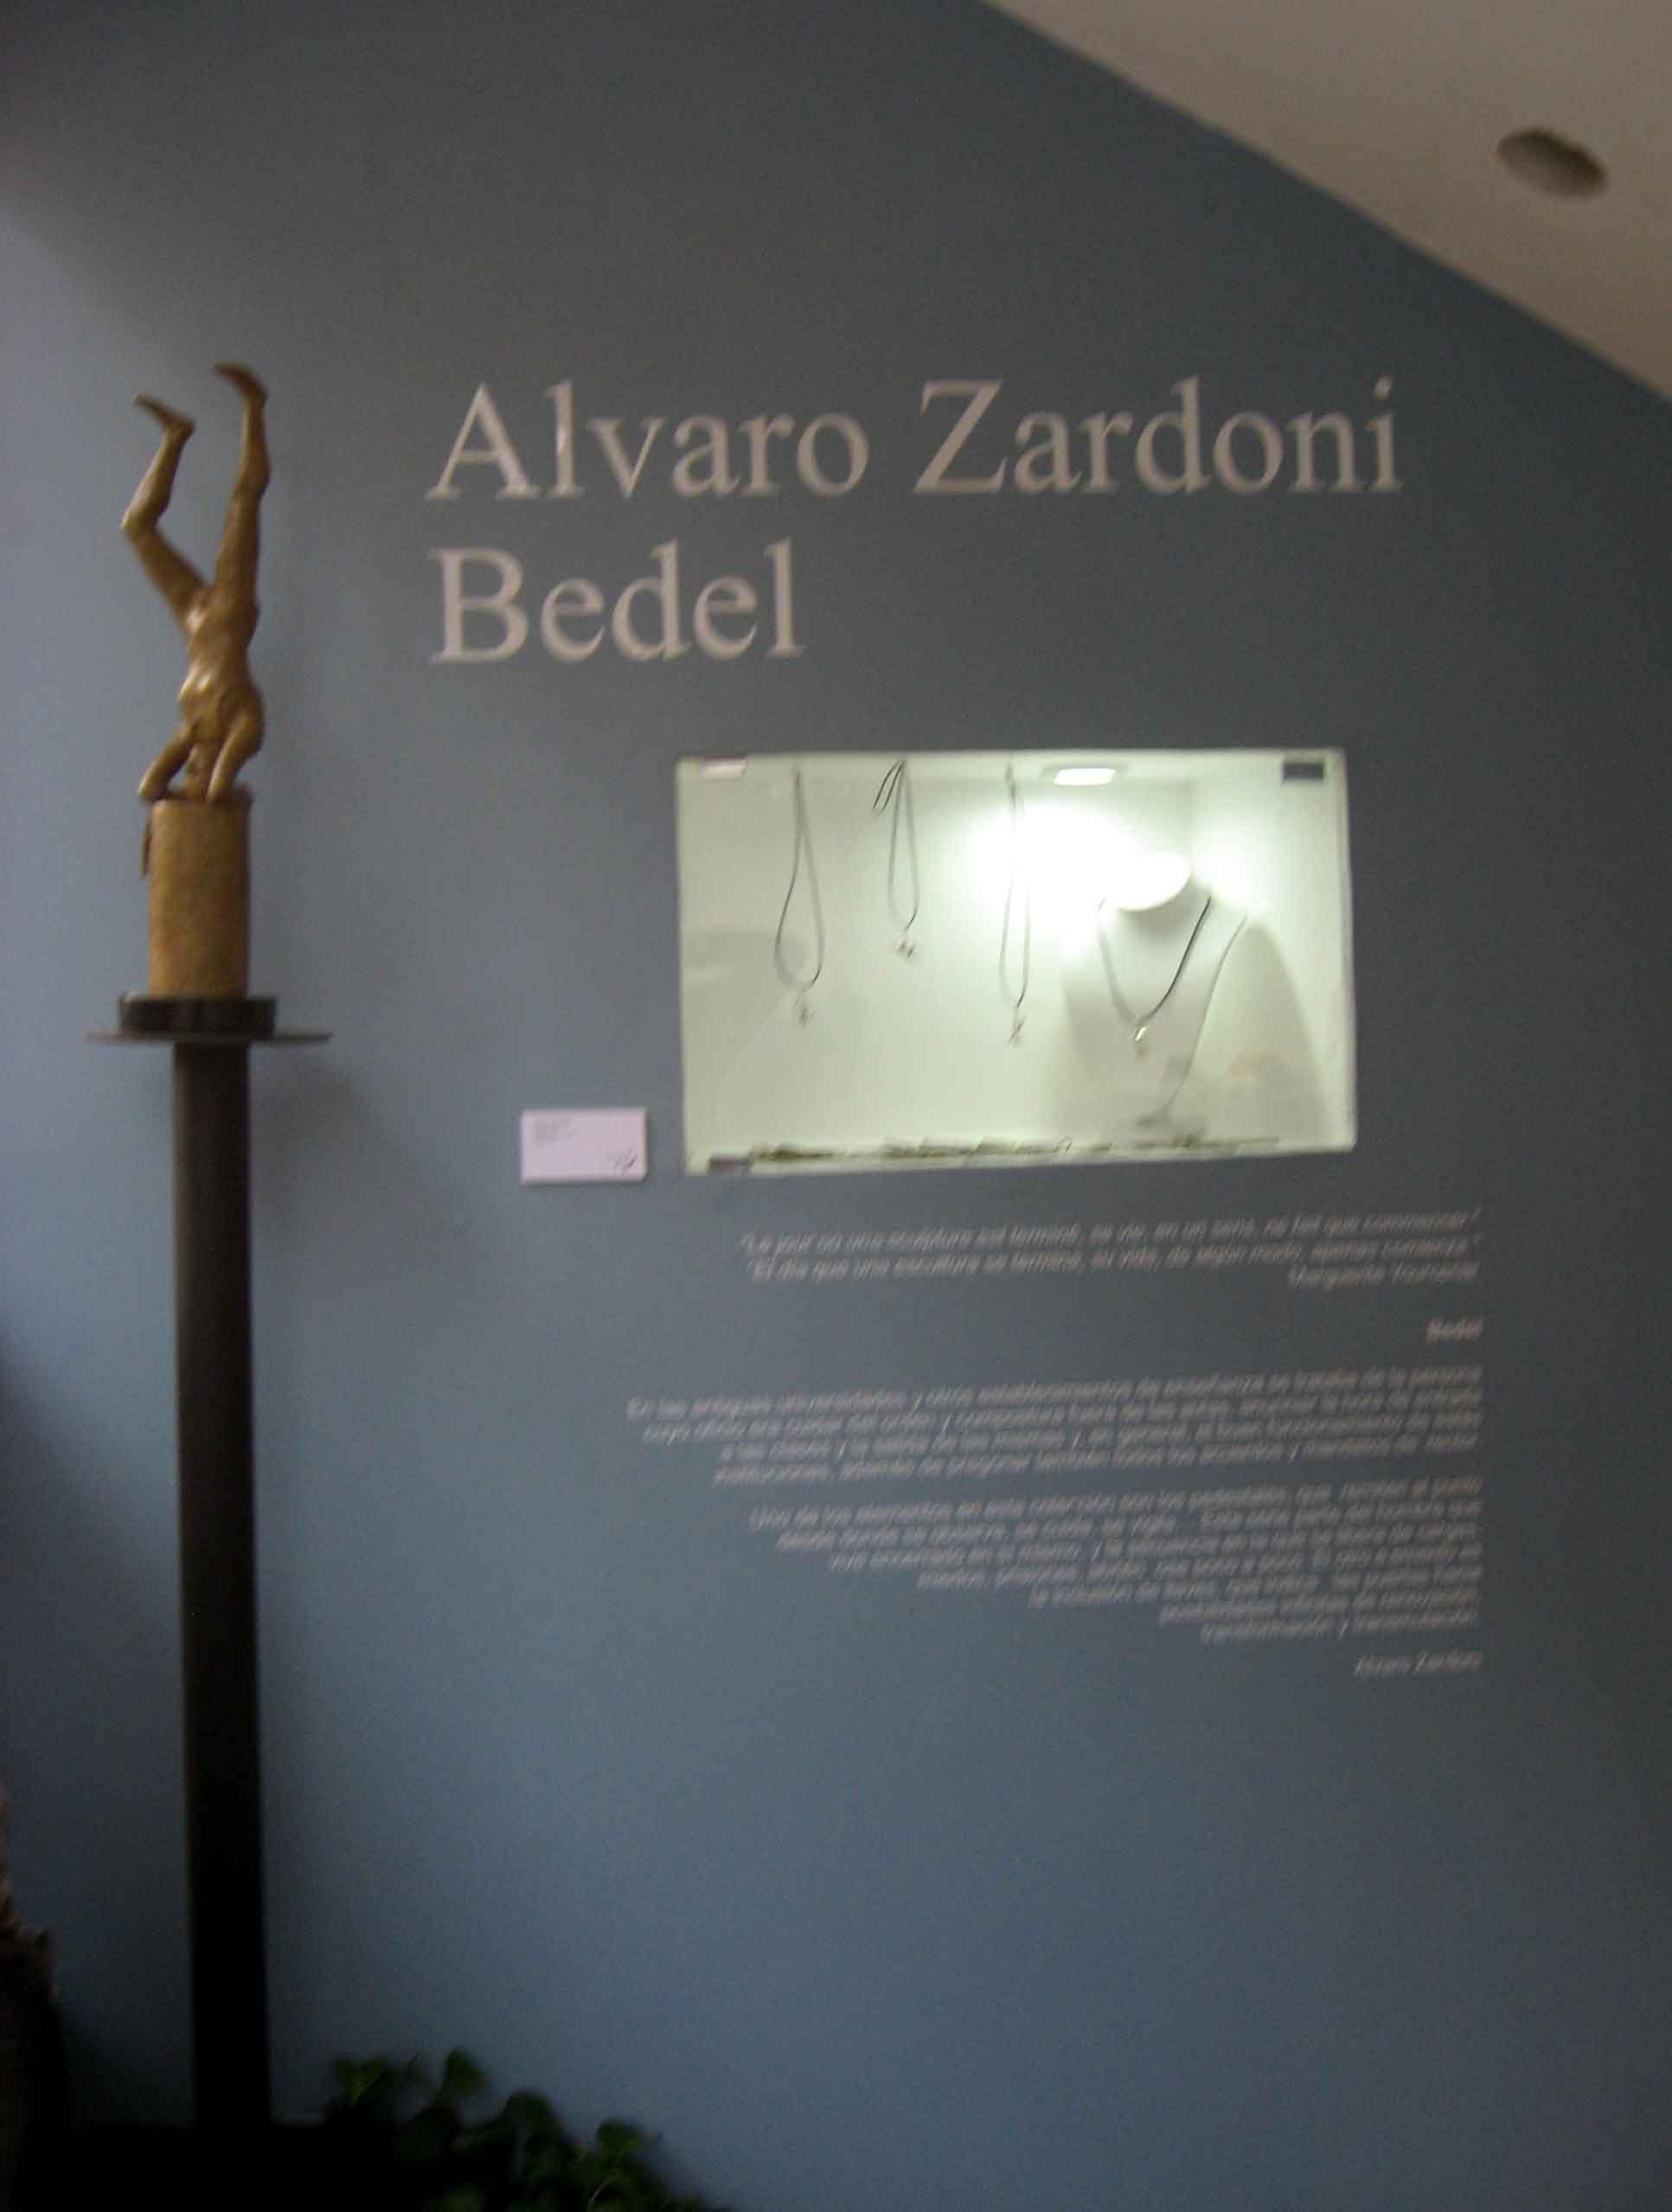 https://0201.nccdn.net/4_2/000/000/03f/ac7/Zardoni_Alvaro_ISMOS_mayo2011c-1933x2558.jpg